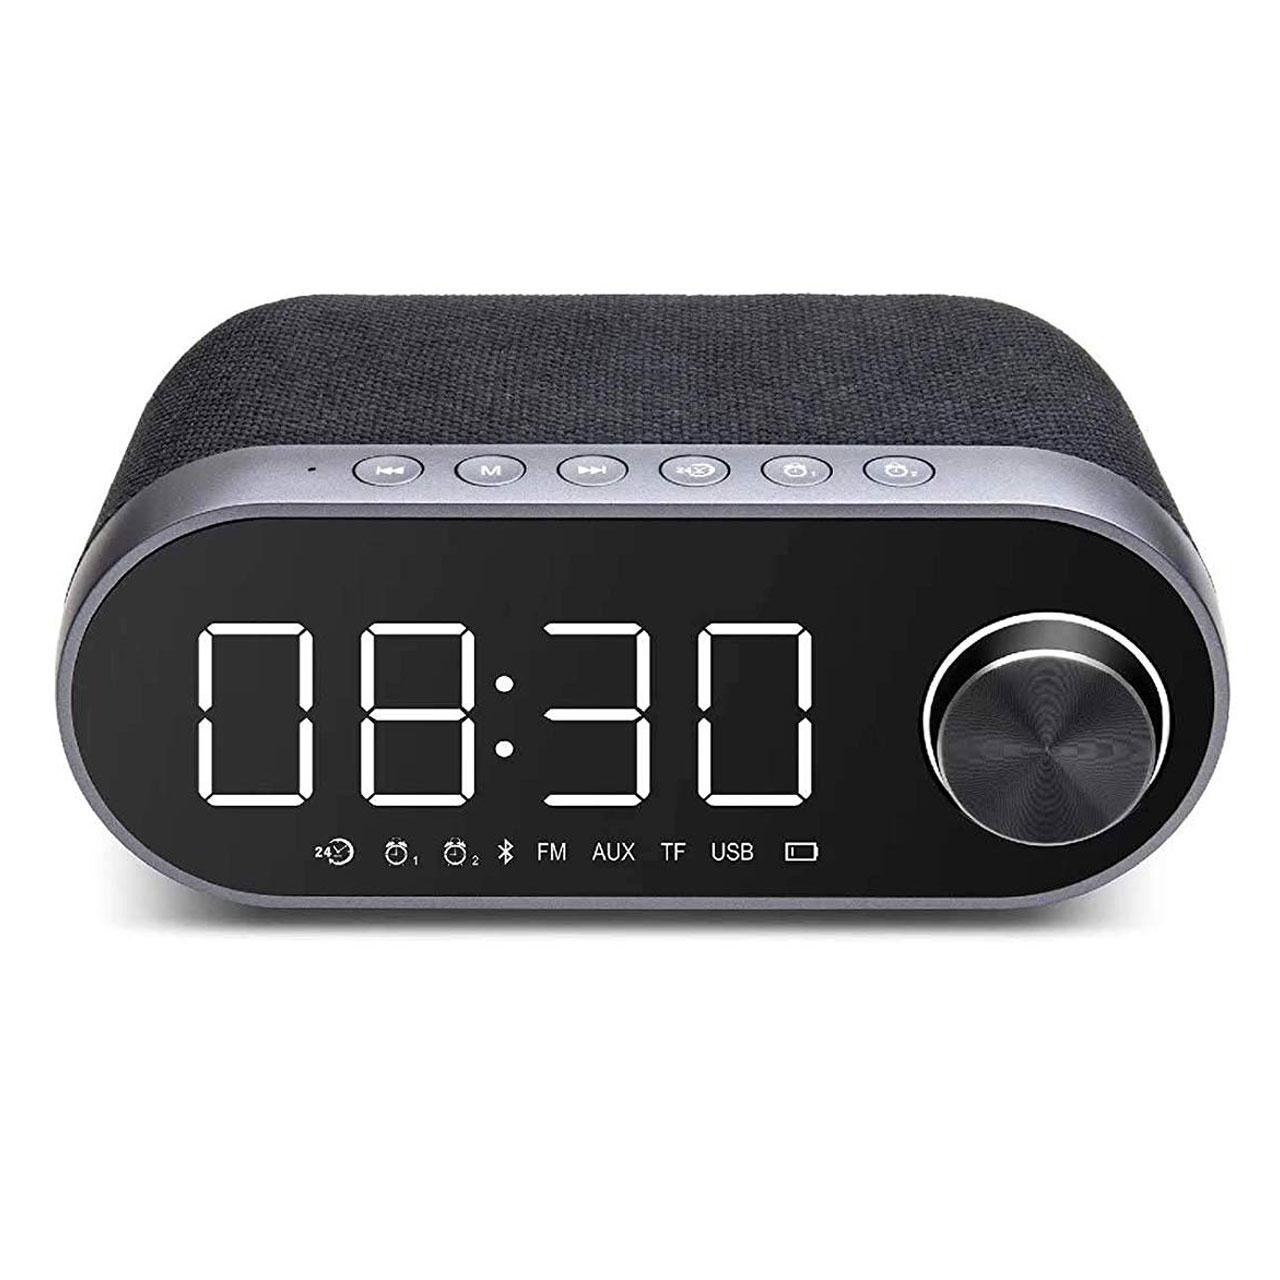 ساعت رومیزی موزیک اپولو مدل A1